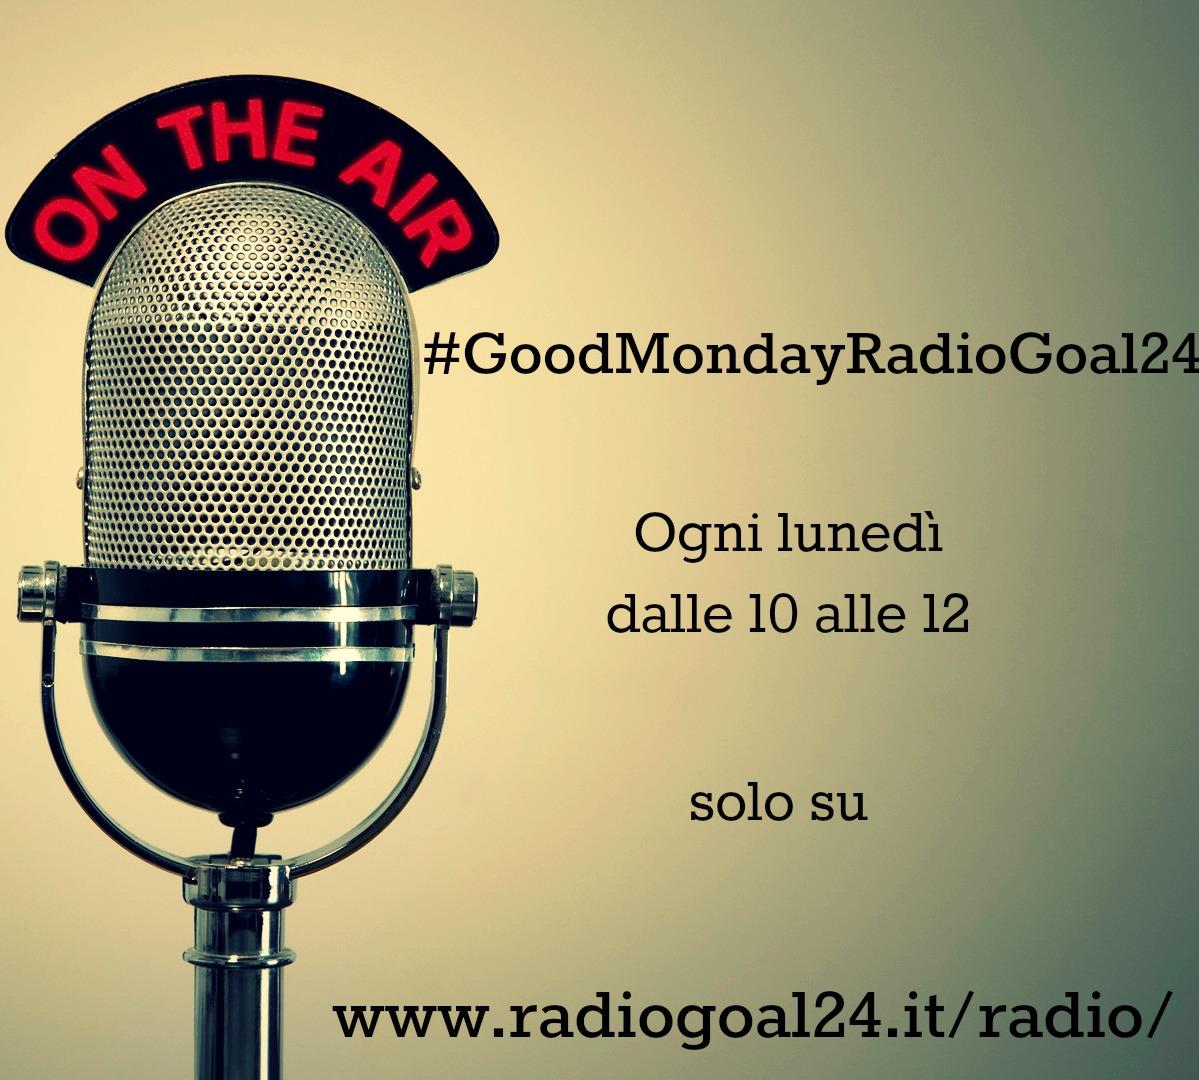 #GoodMondayRadioGoal24